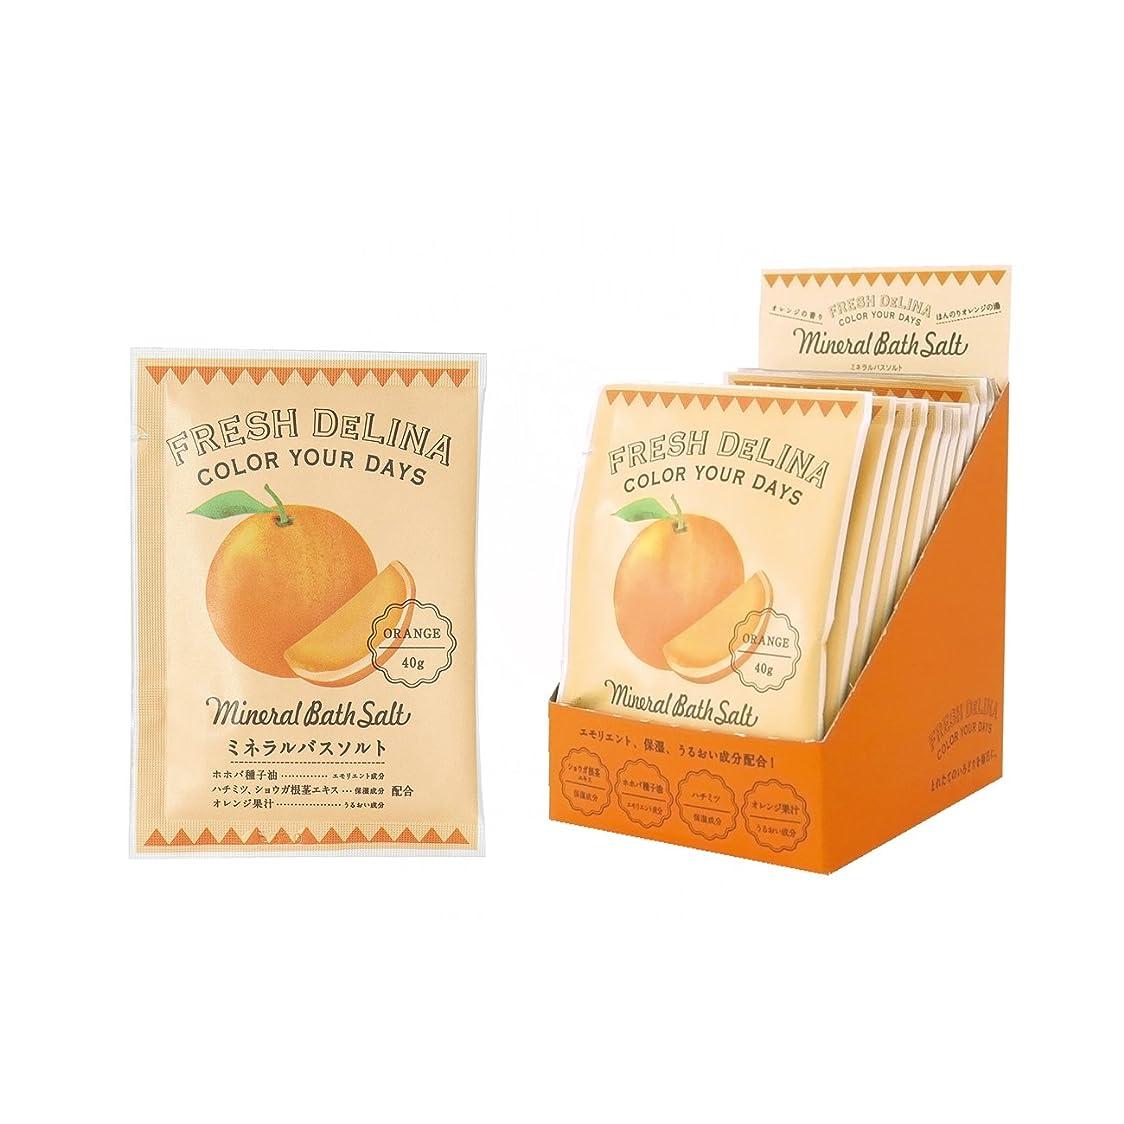 期待振るはっきりしないフレッシュデリーナ ミネラルバスソルト40g(オレンジ) 12個 (海塩タイプ入浴料 日本製 フレッシュな柑橘系の香り)